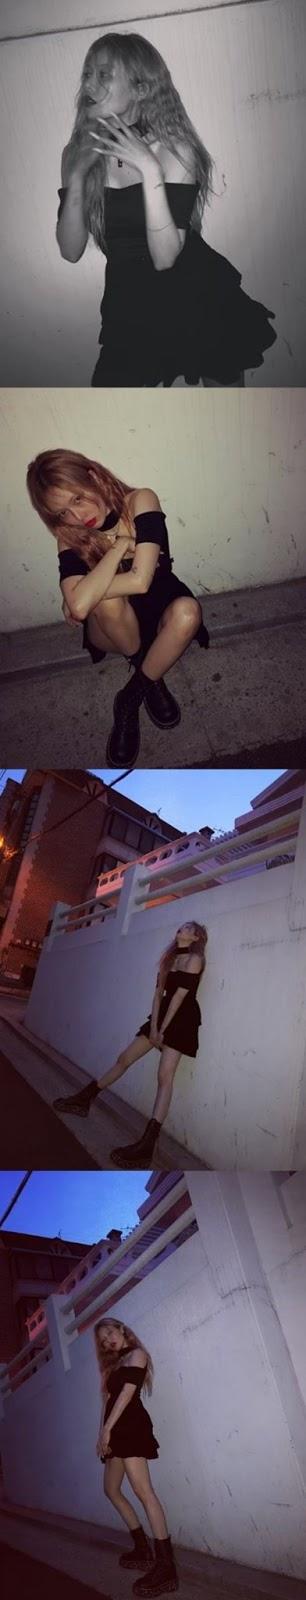 Hyuna yeni Instagram güncellemeleri için sokakta poz verdi